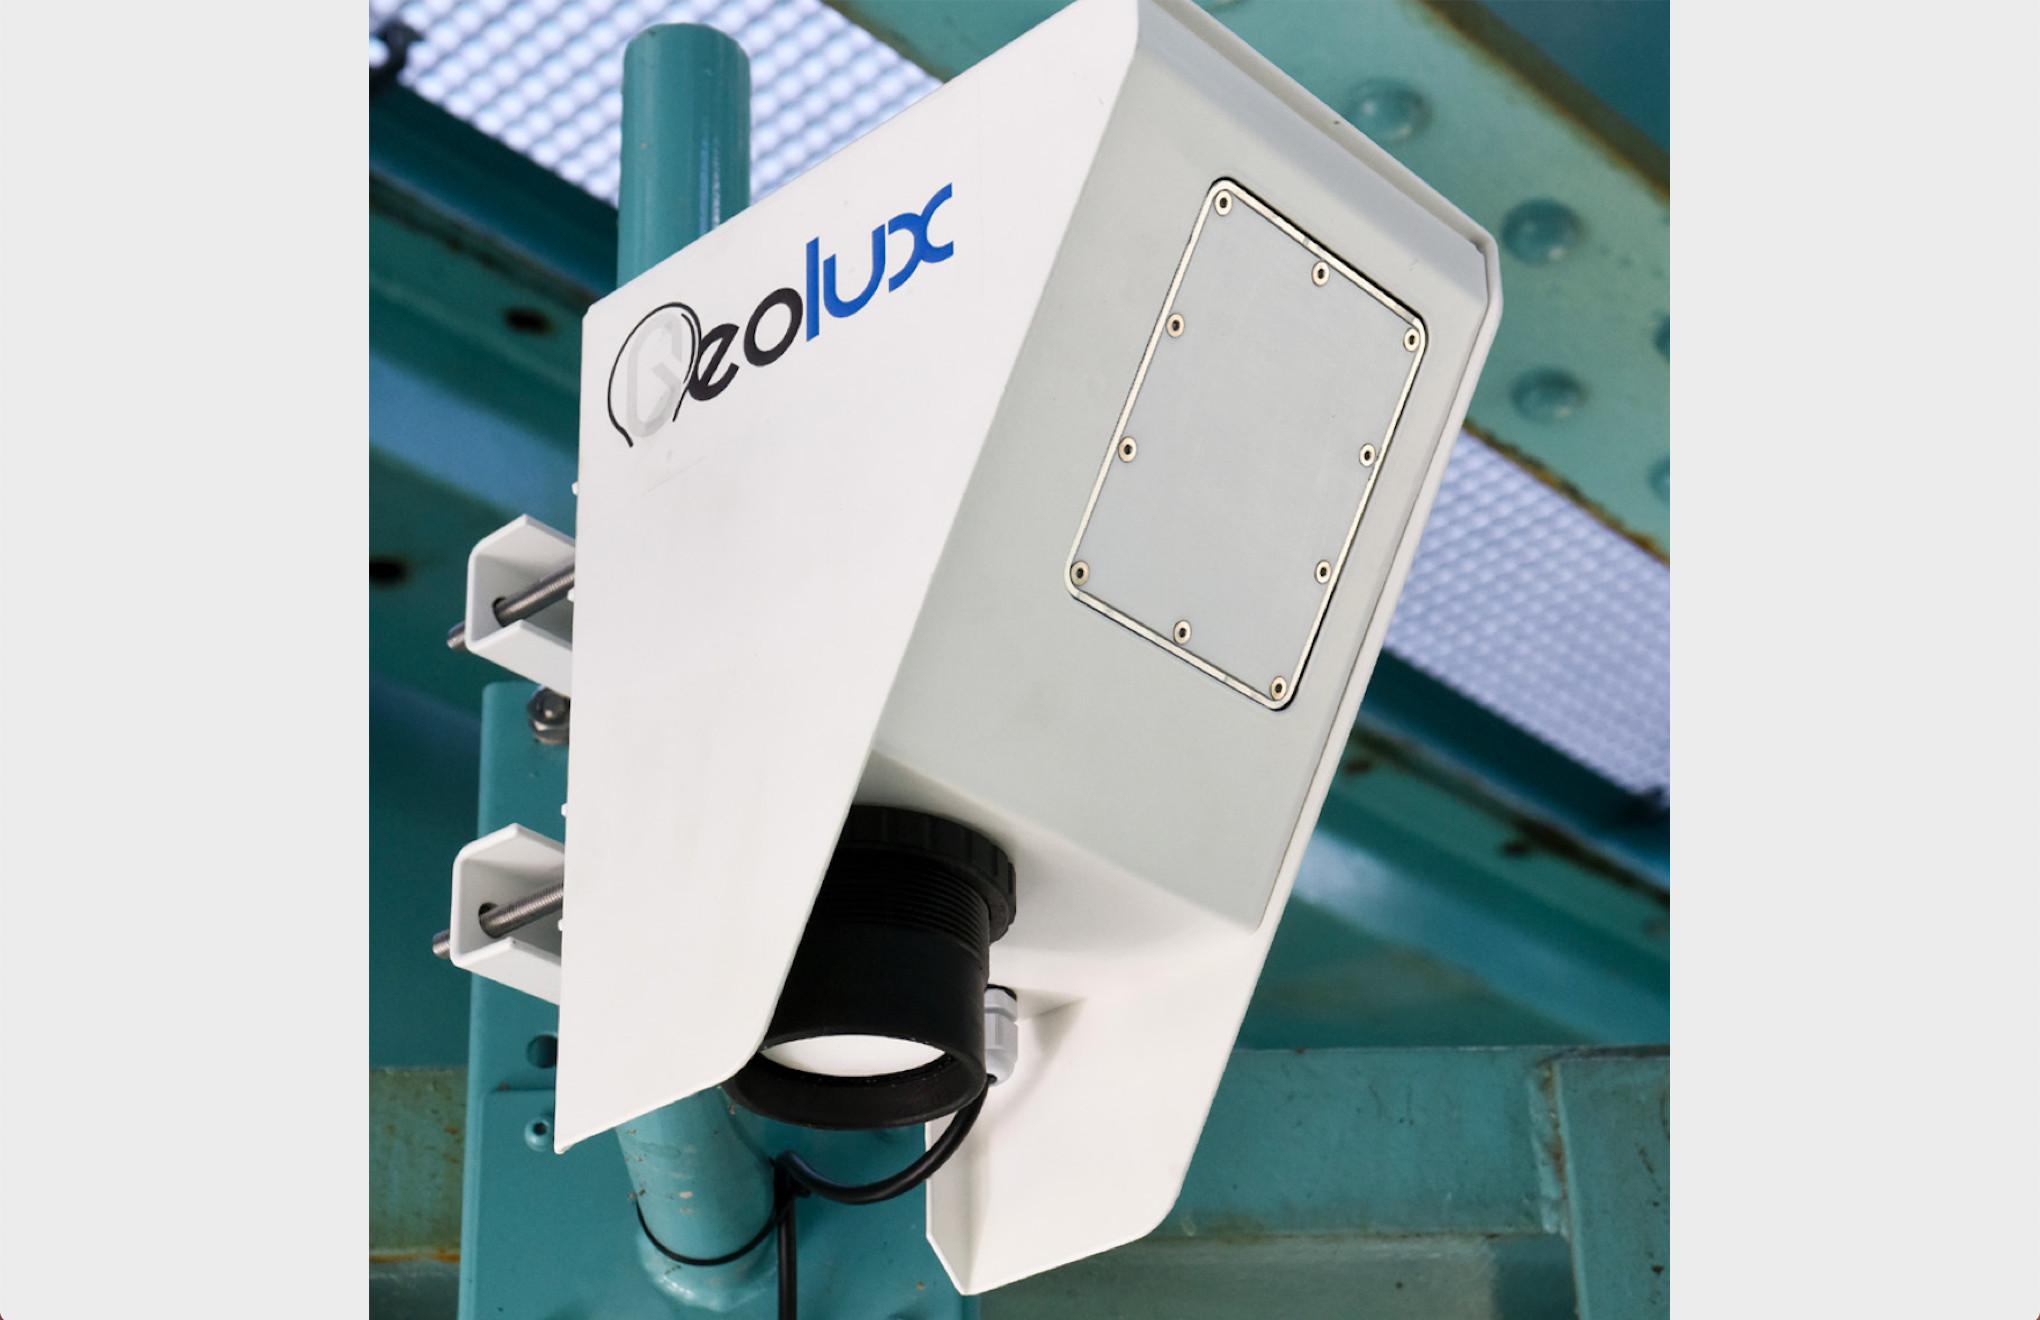 Thiết bị đo vận tốc, mực nước và lưu lượng dòng chảy Geolux